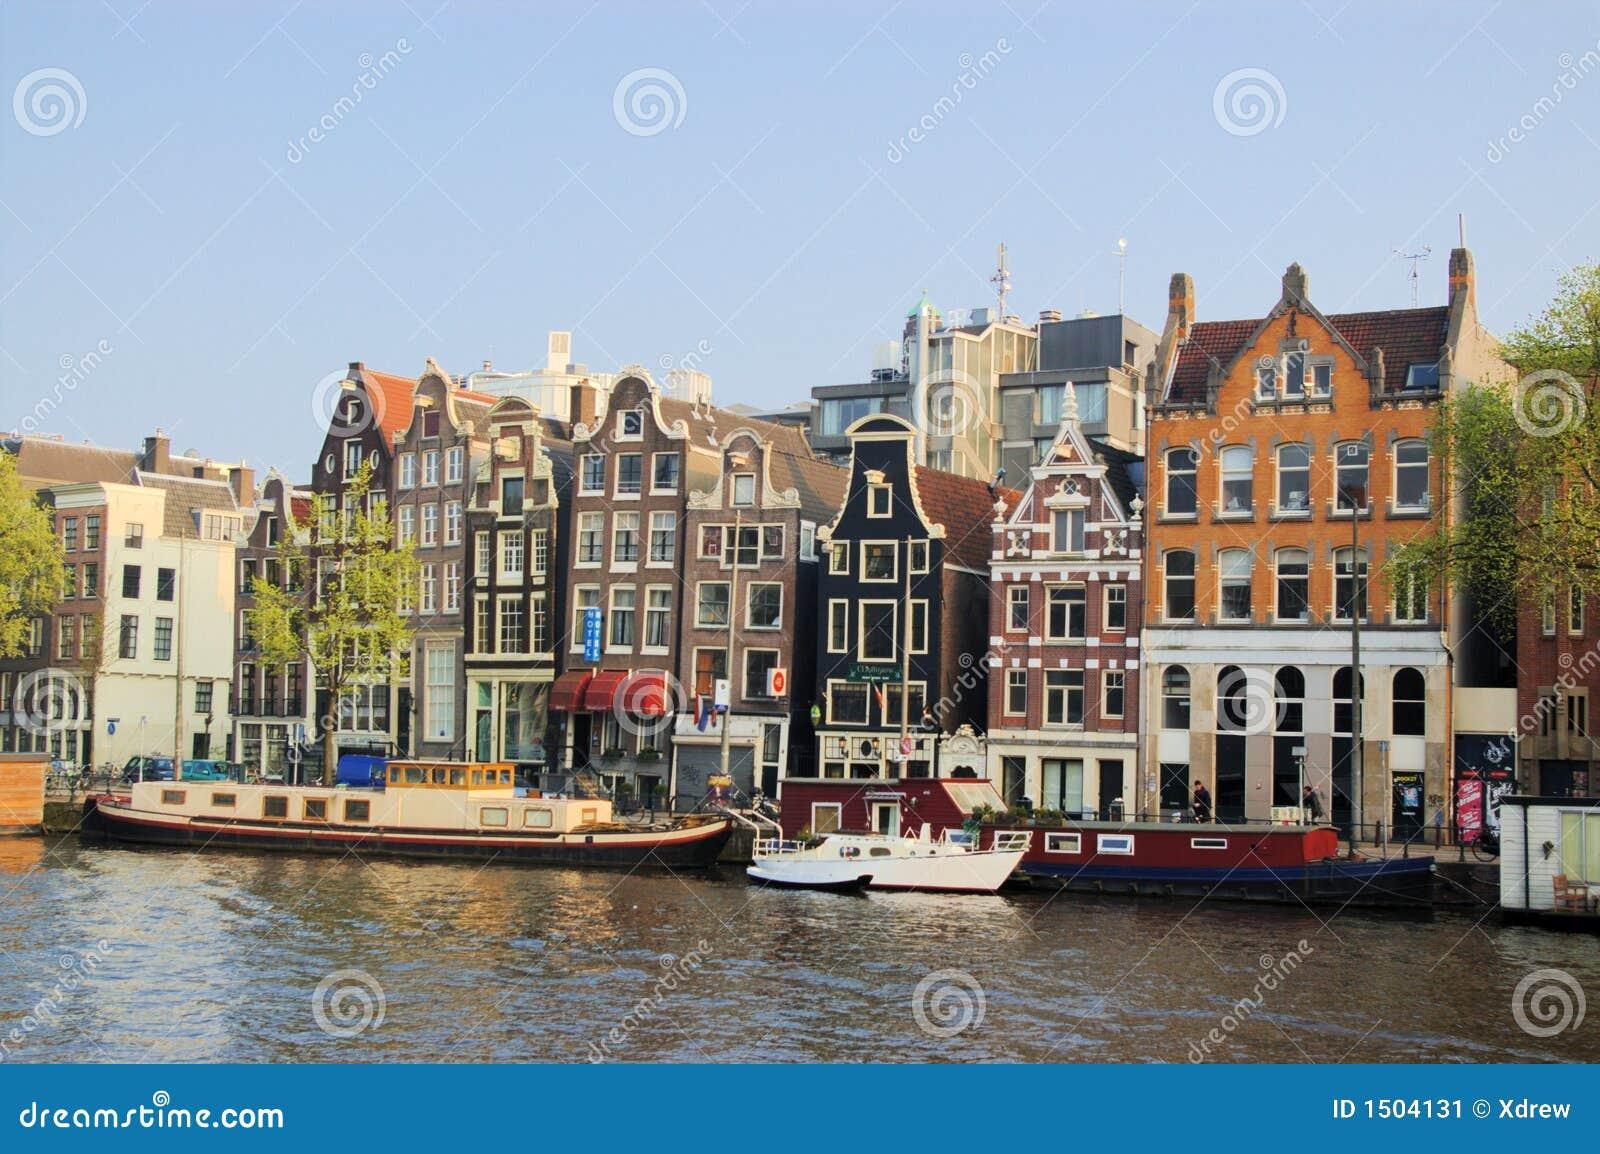 lustige h user von amsterdam stockbild bild von anziehung fremd 1504131. Black Bedroom Furniture Sets. Home Design Ideas